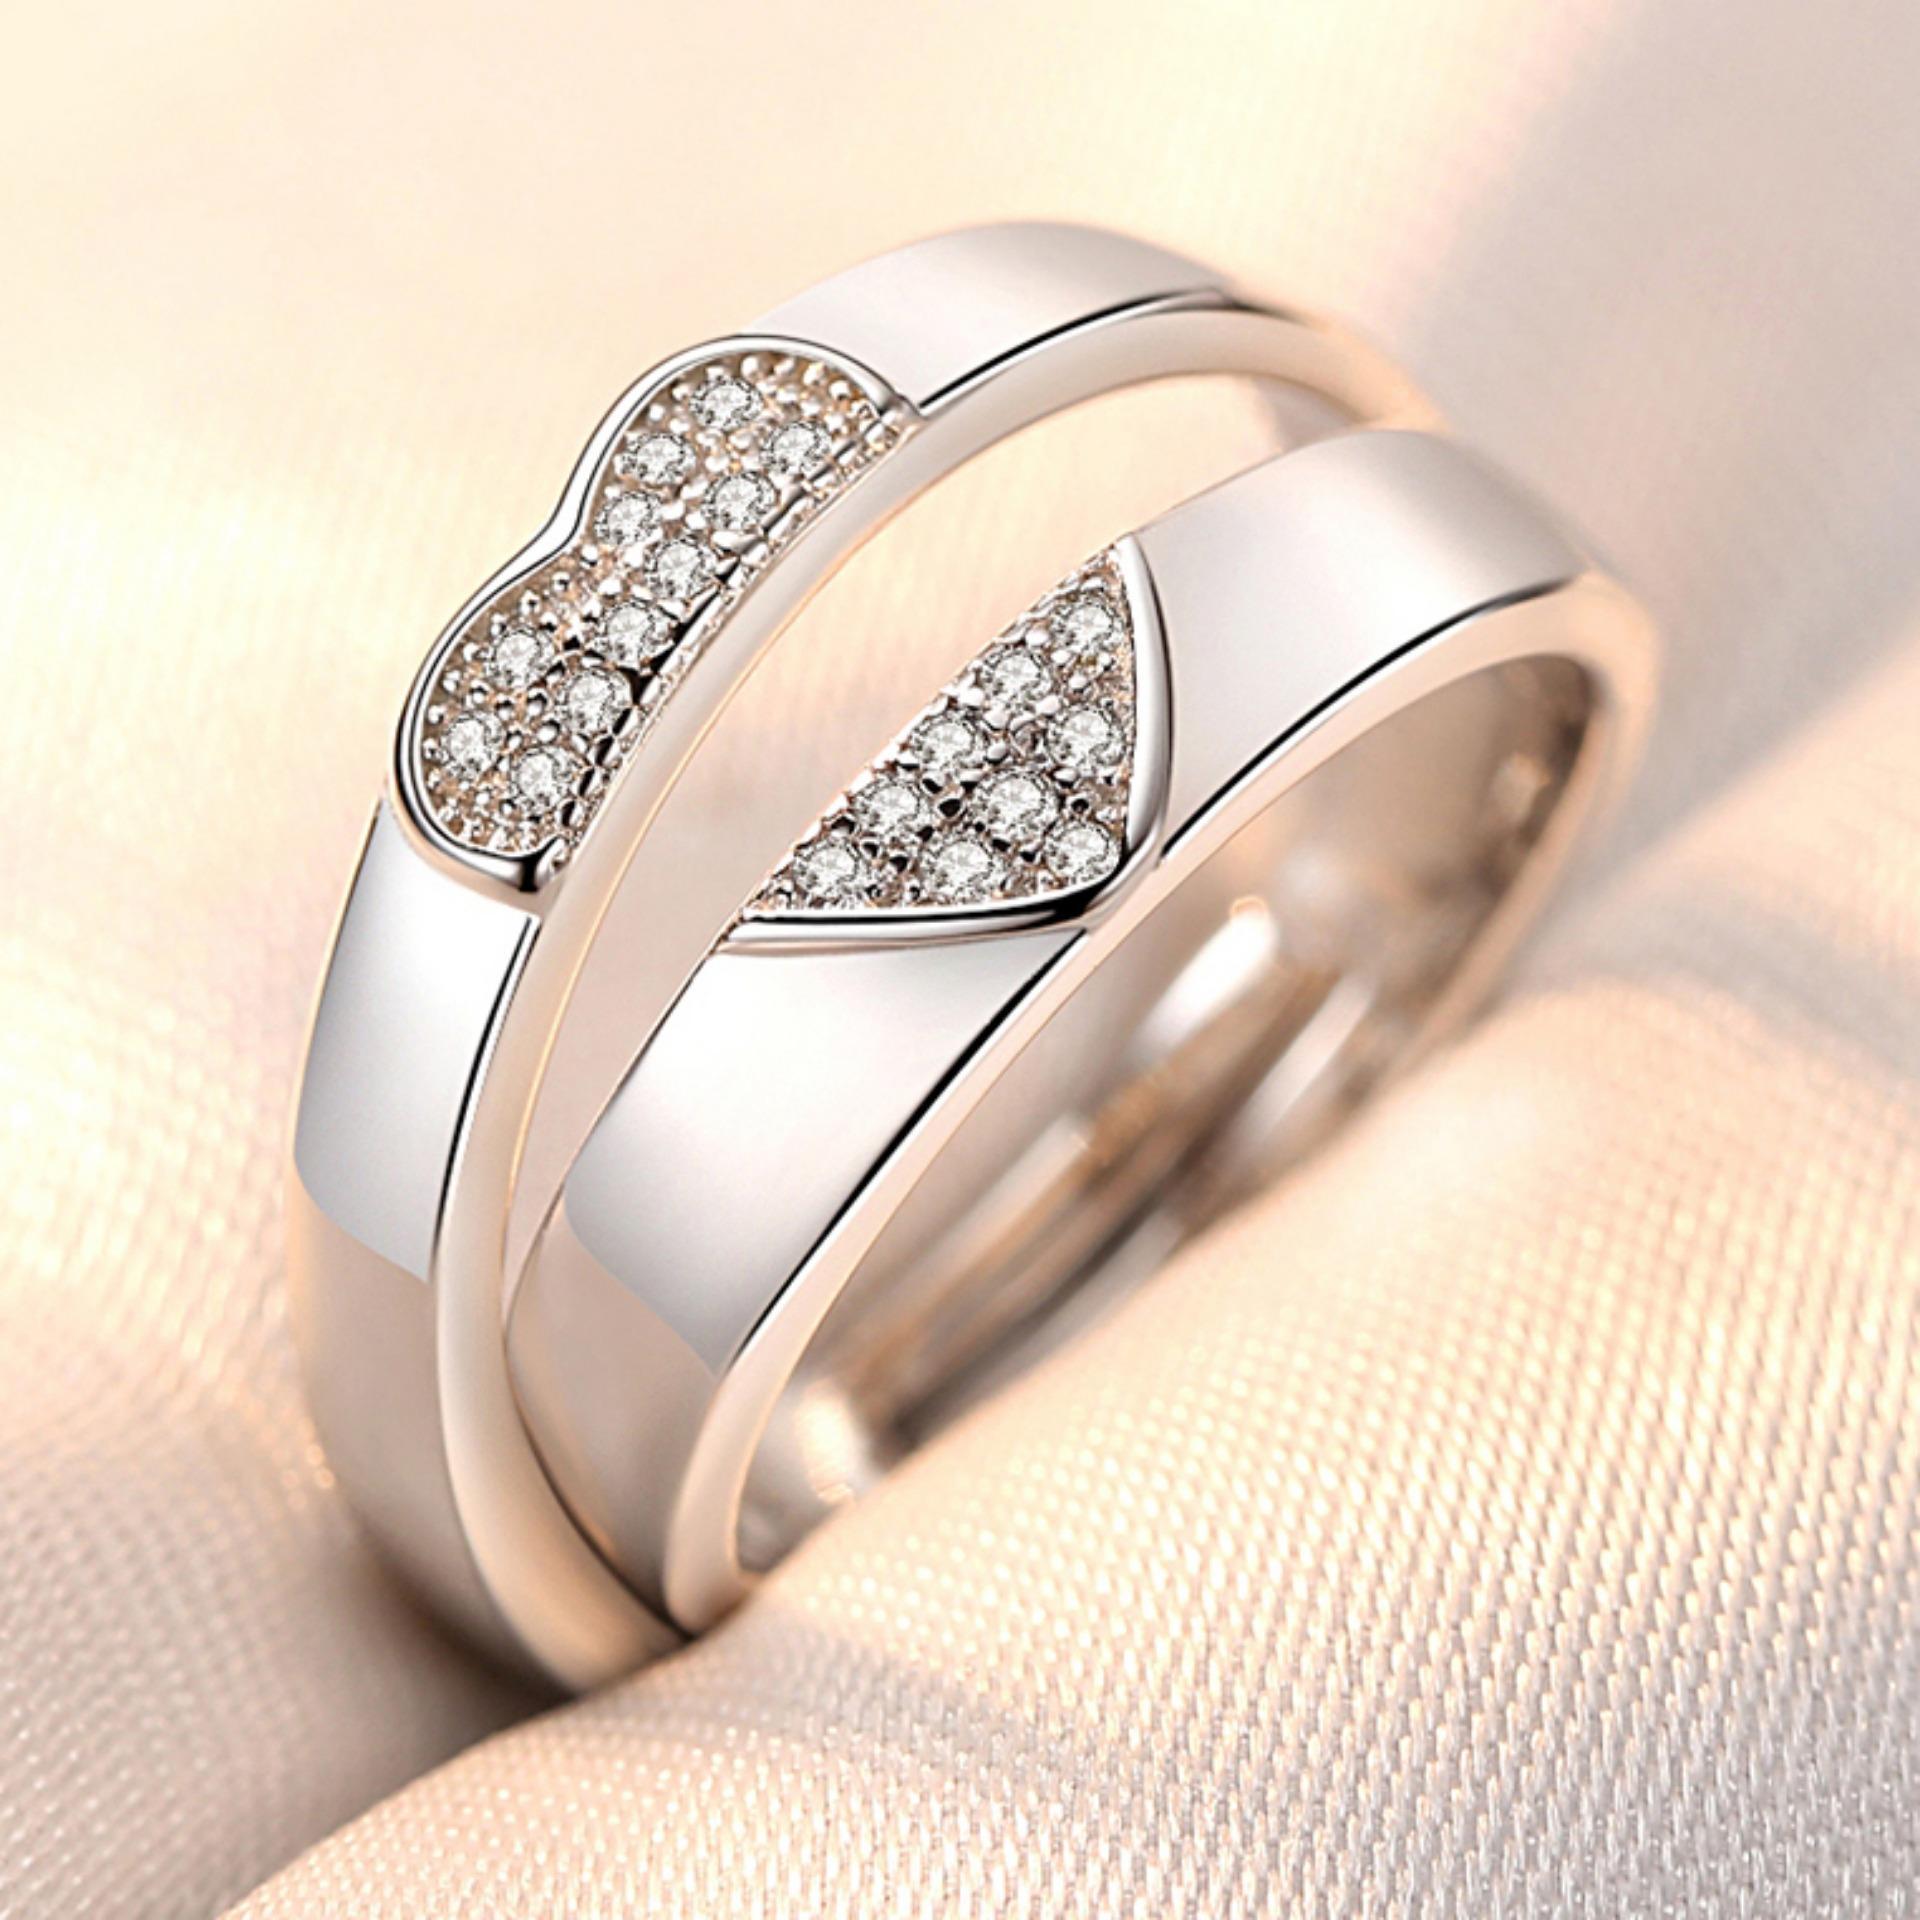 Nhẫn đôi Tình Yêu đính Hột đá Zircon Xinh Xắn Thời Trang Hàn Quốc Sang Trọng Dễ Thương Có Giá Cực Tốt